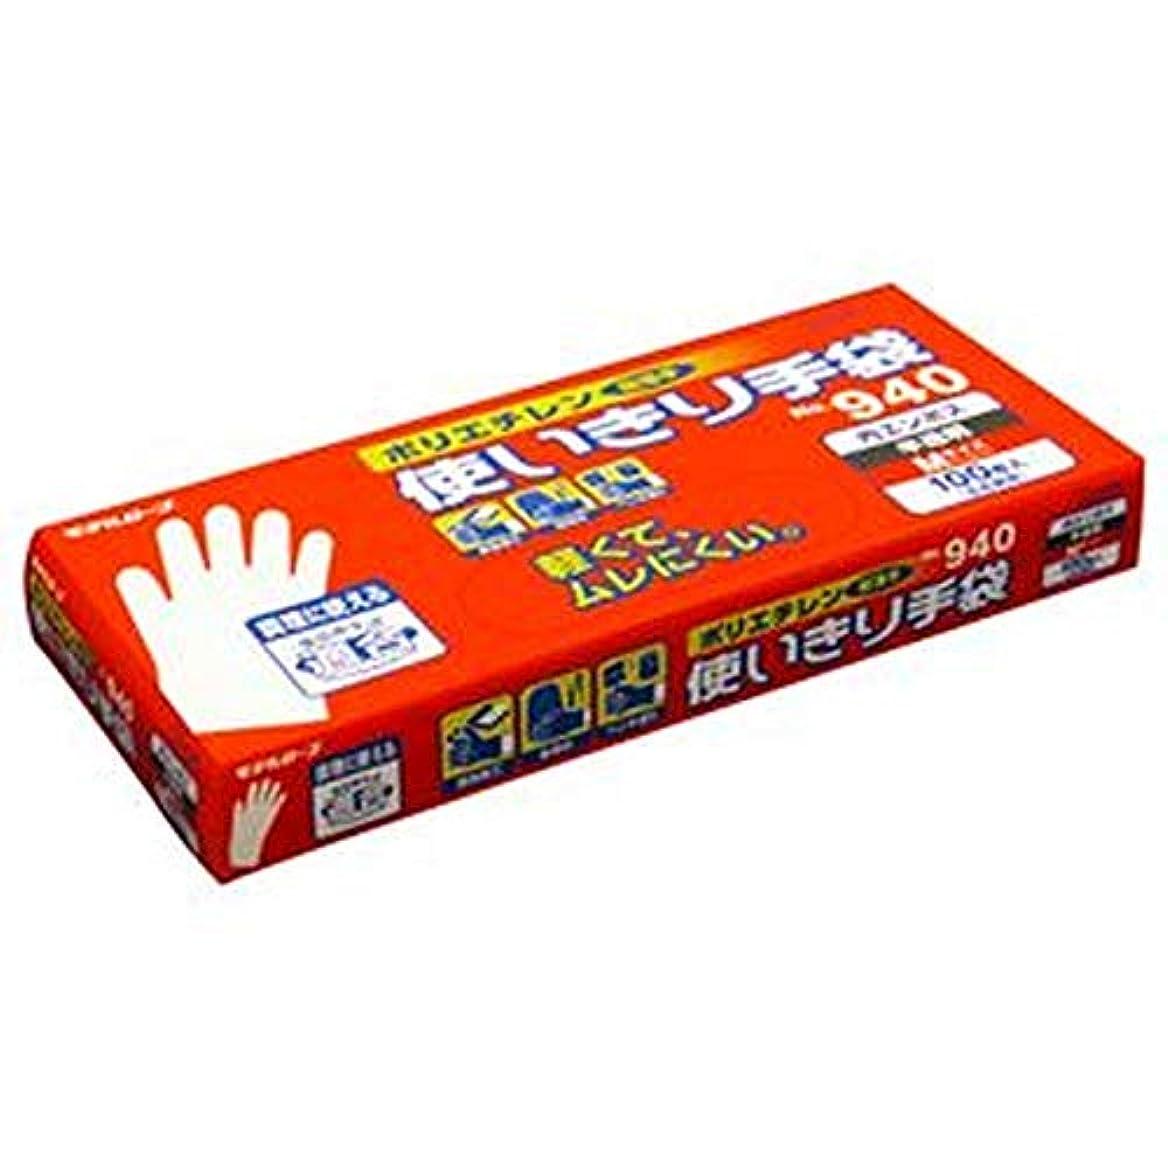 届けるピザ推進、動かす- まとめ - / エステー/No.940 / ポリエチレン使いきり手袋 - 内エンボス - / M / 1箱 - 100枚 - / - ×10セット -